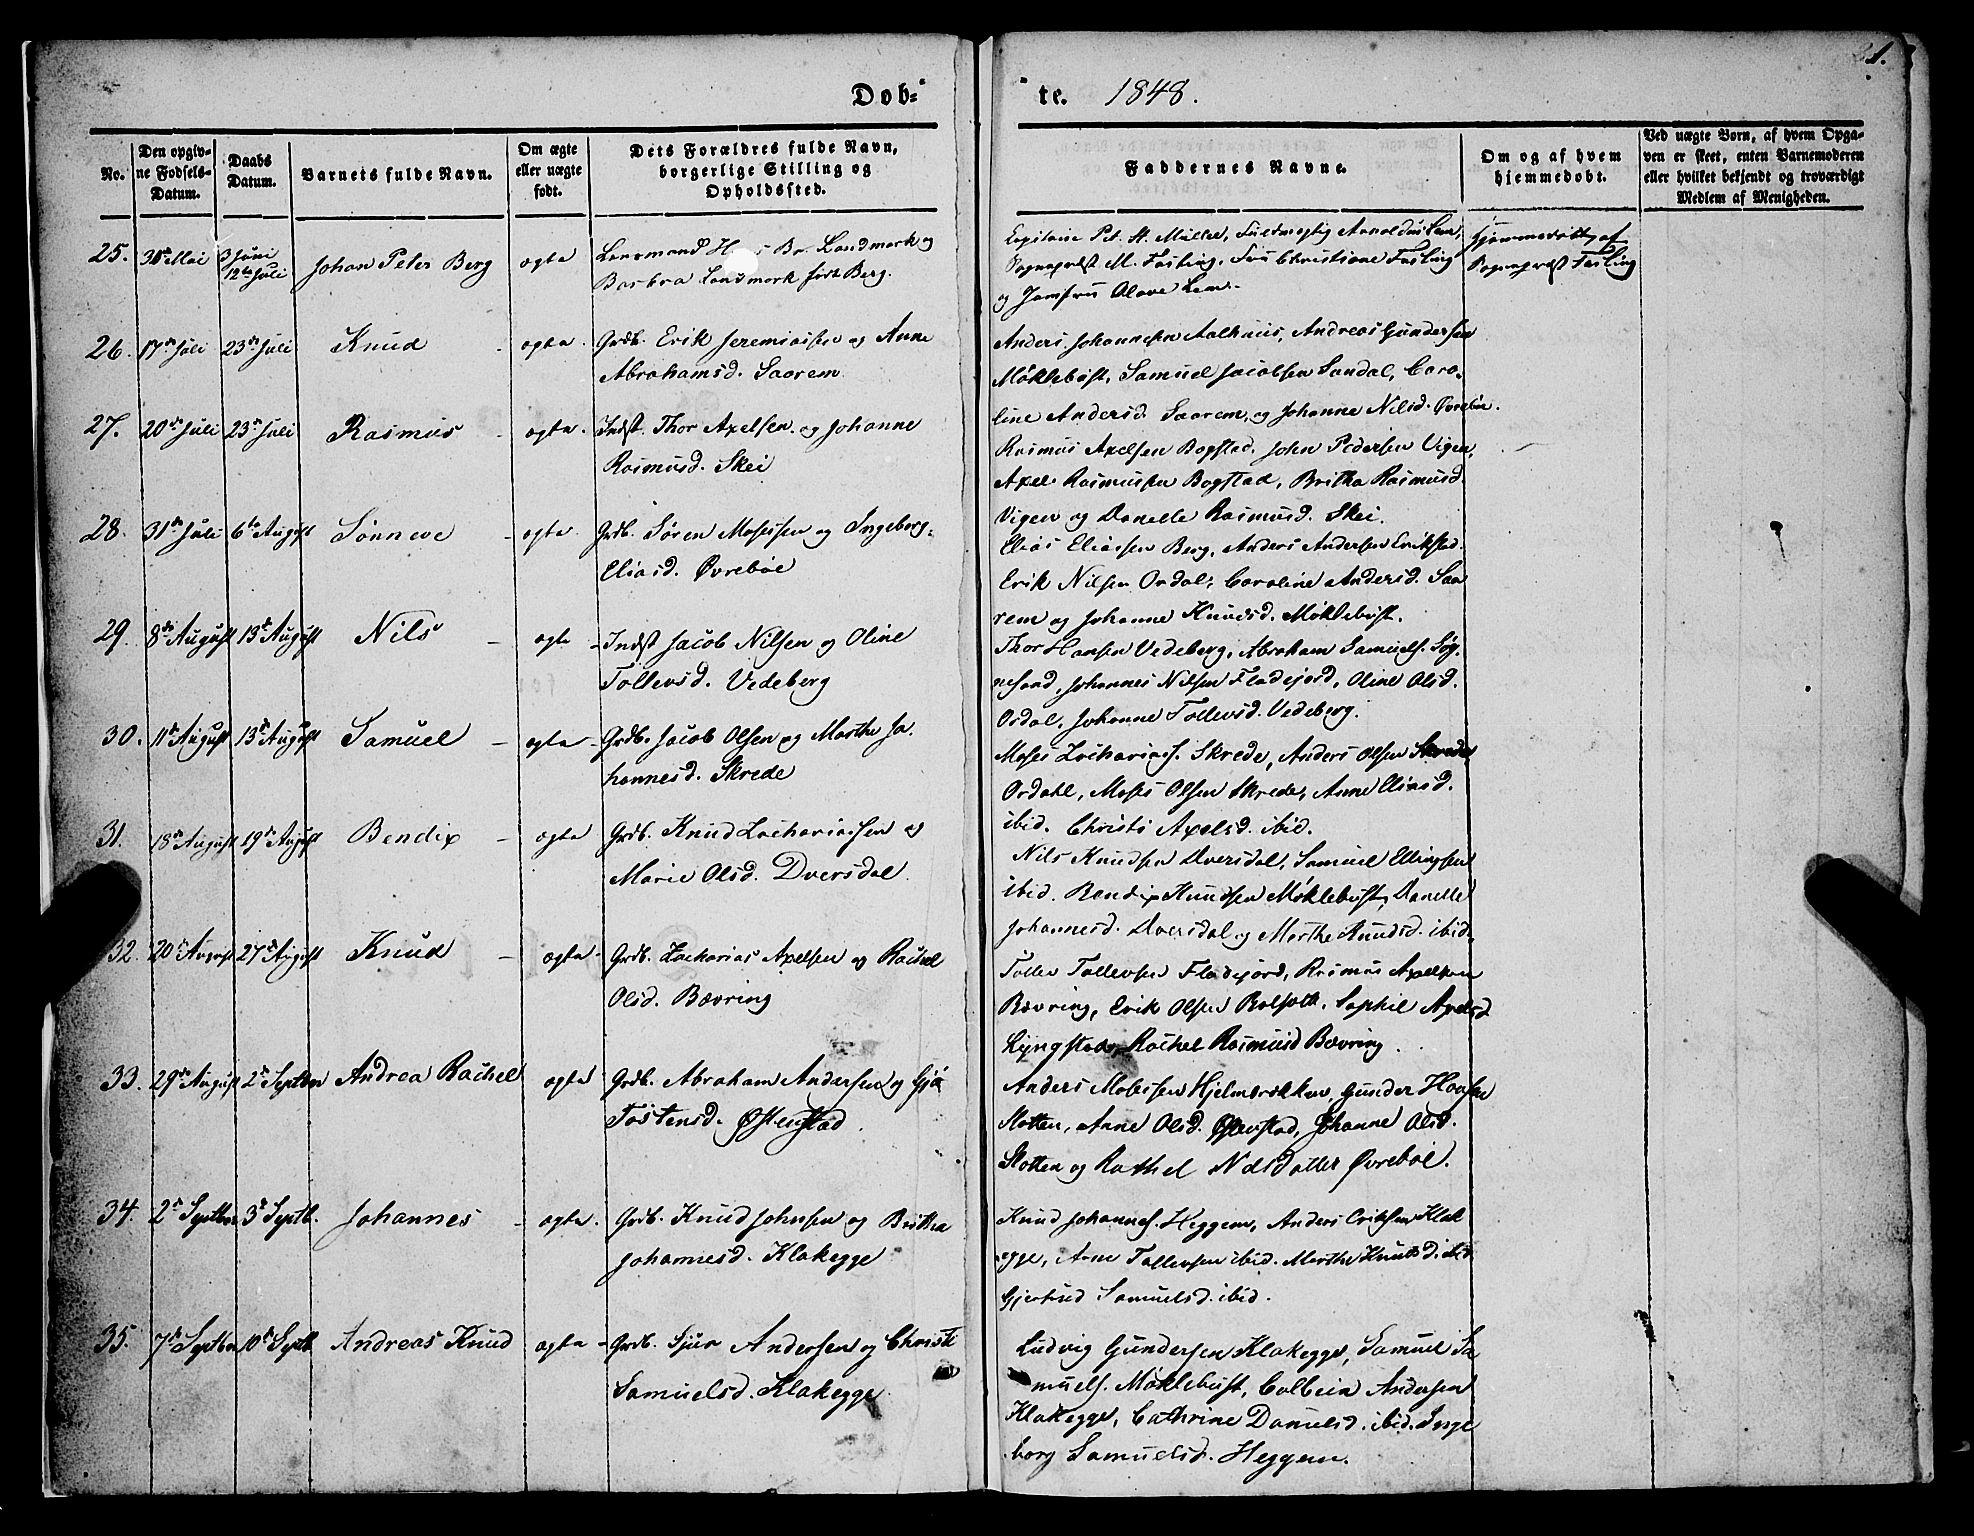 SAB, Jølster Sokneprestembete, Ministerialbok nr. A 10, 1847-1865, s. 1